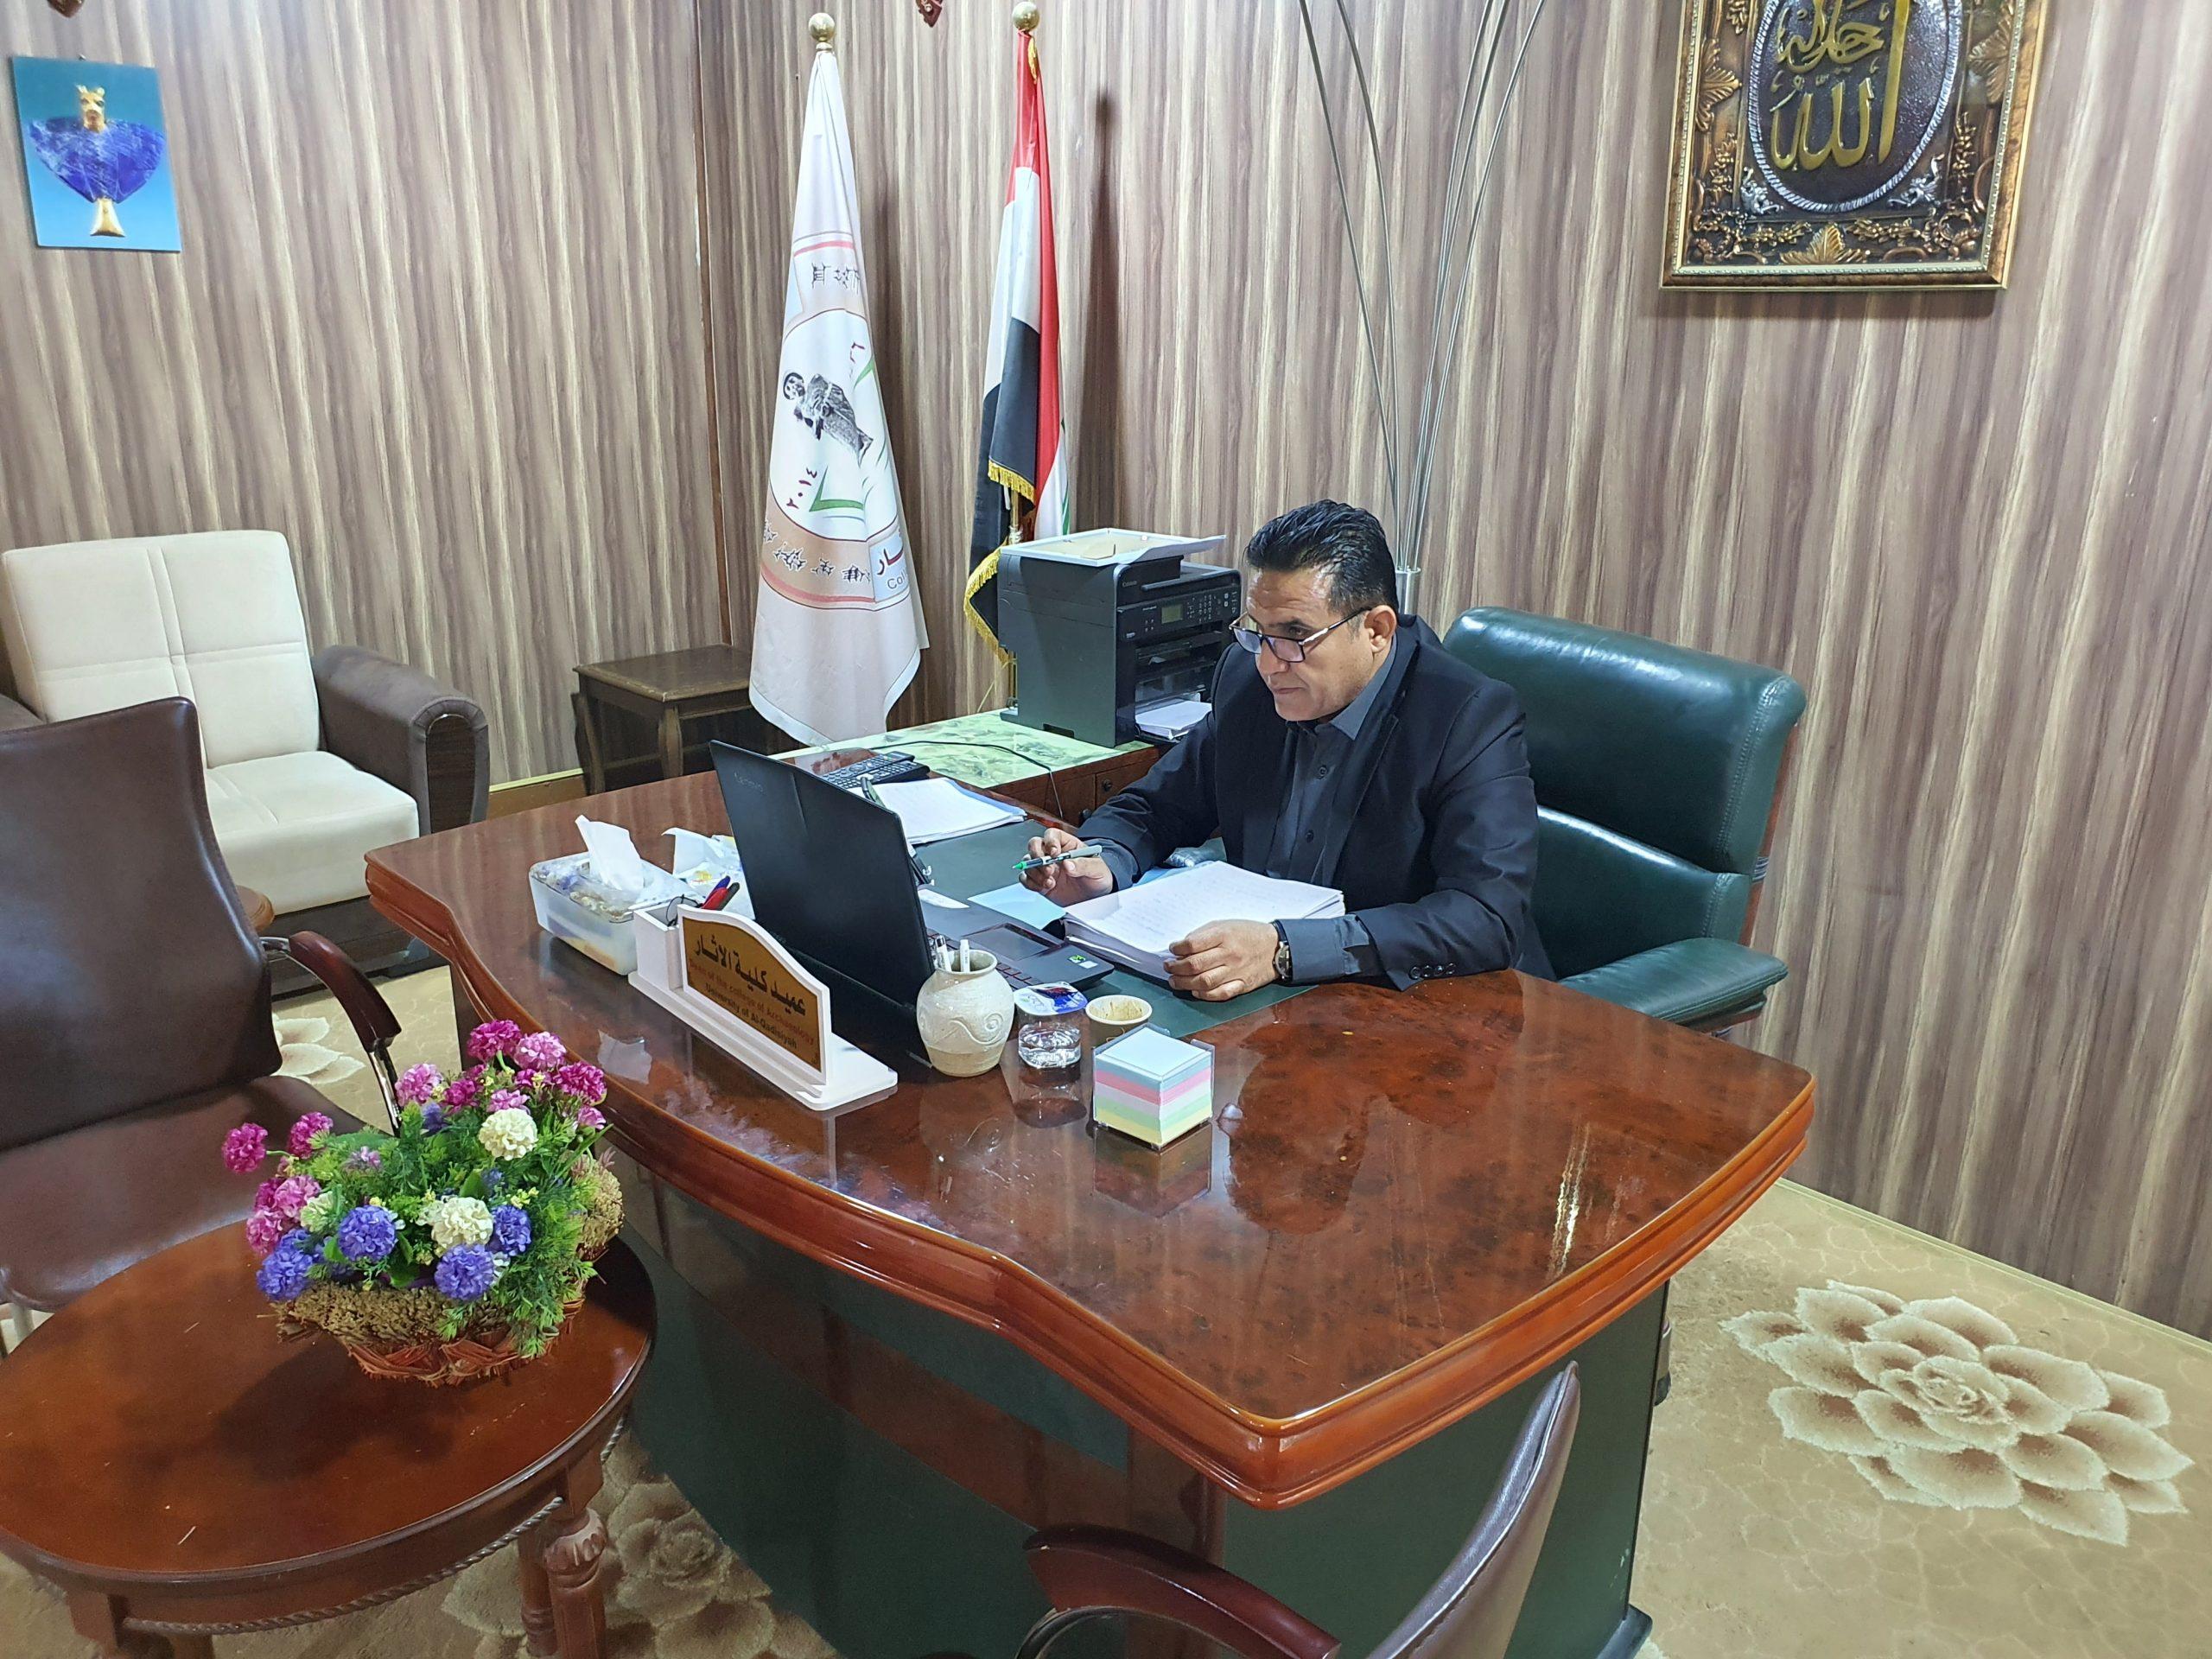 عميد كلية الاثار الاستاذ المساعد الدكتور محمد كامل روكان عضوا مناقشا في كلية الاثار جامعة الموصل